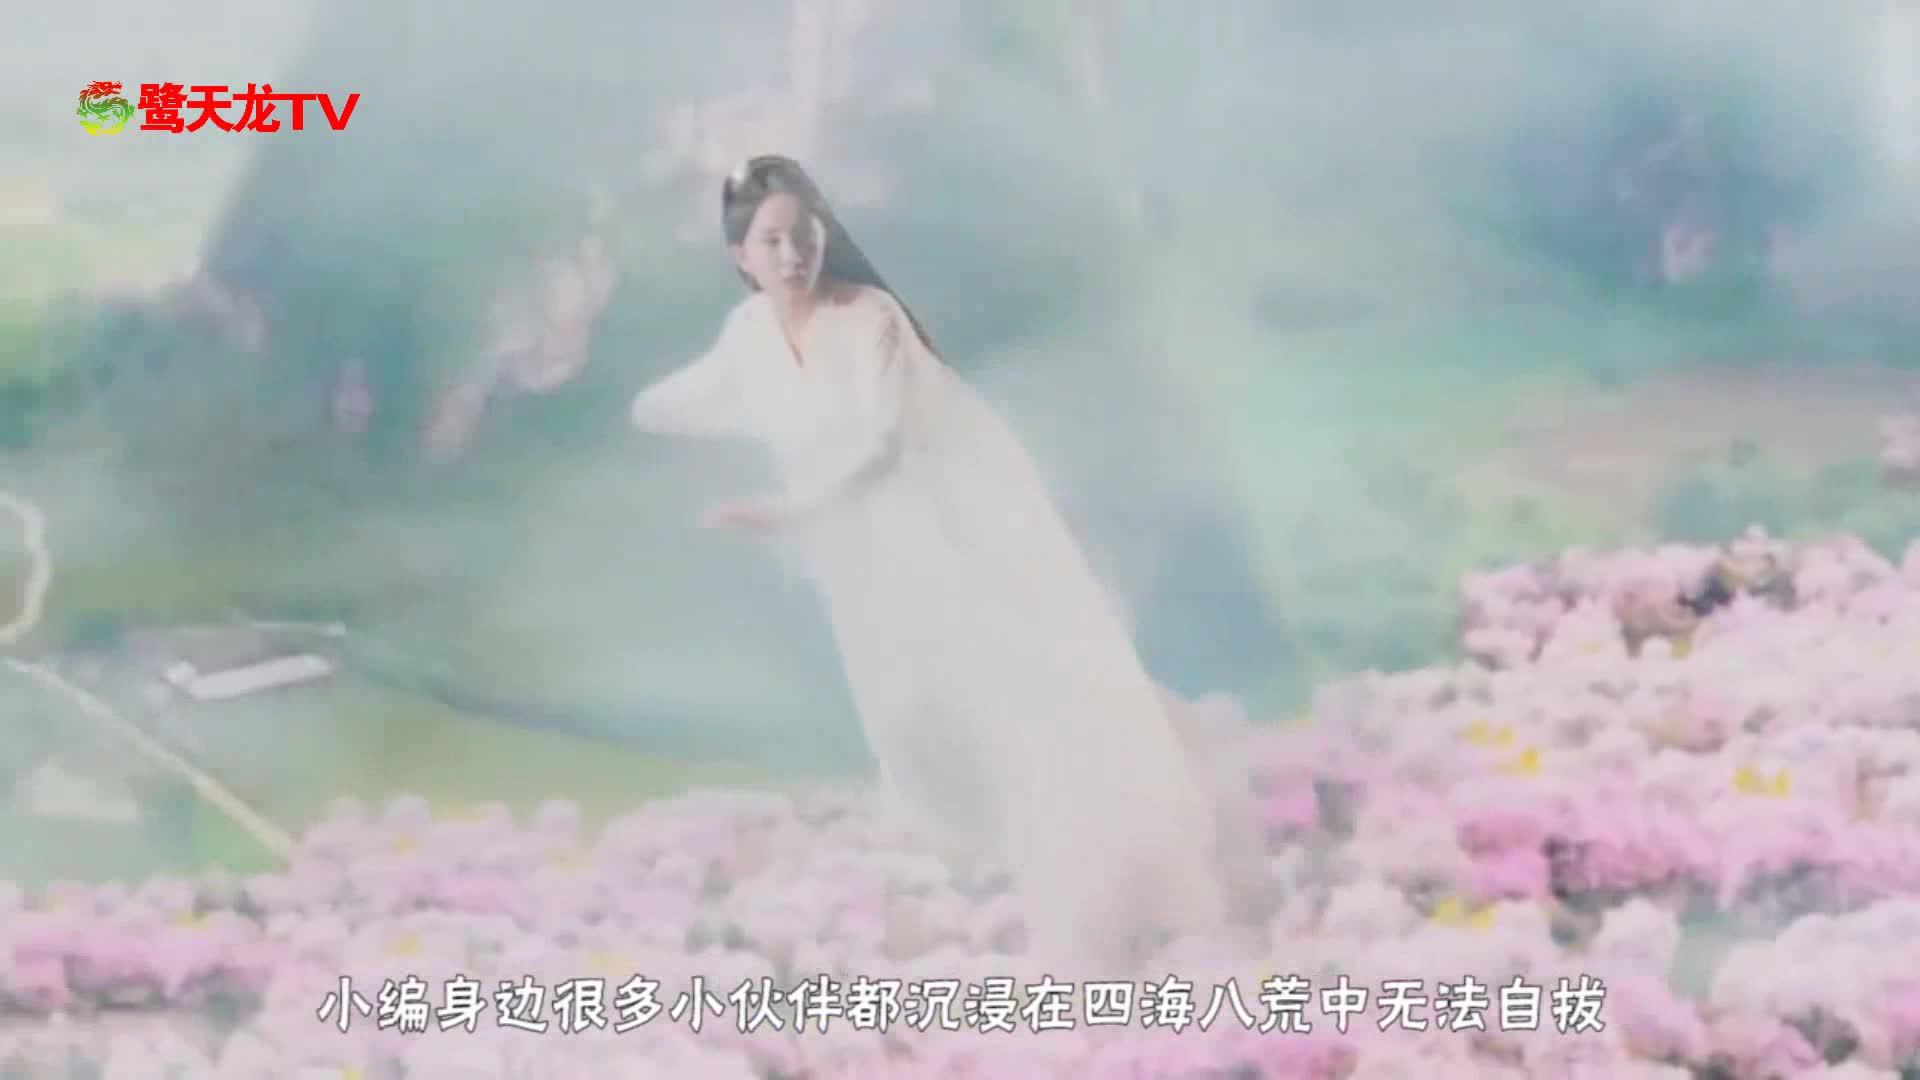 《三生三世》剧版影版大PK 刘亦菲杨洋能否力压赵又廷杨幂?